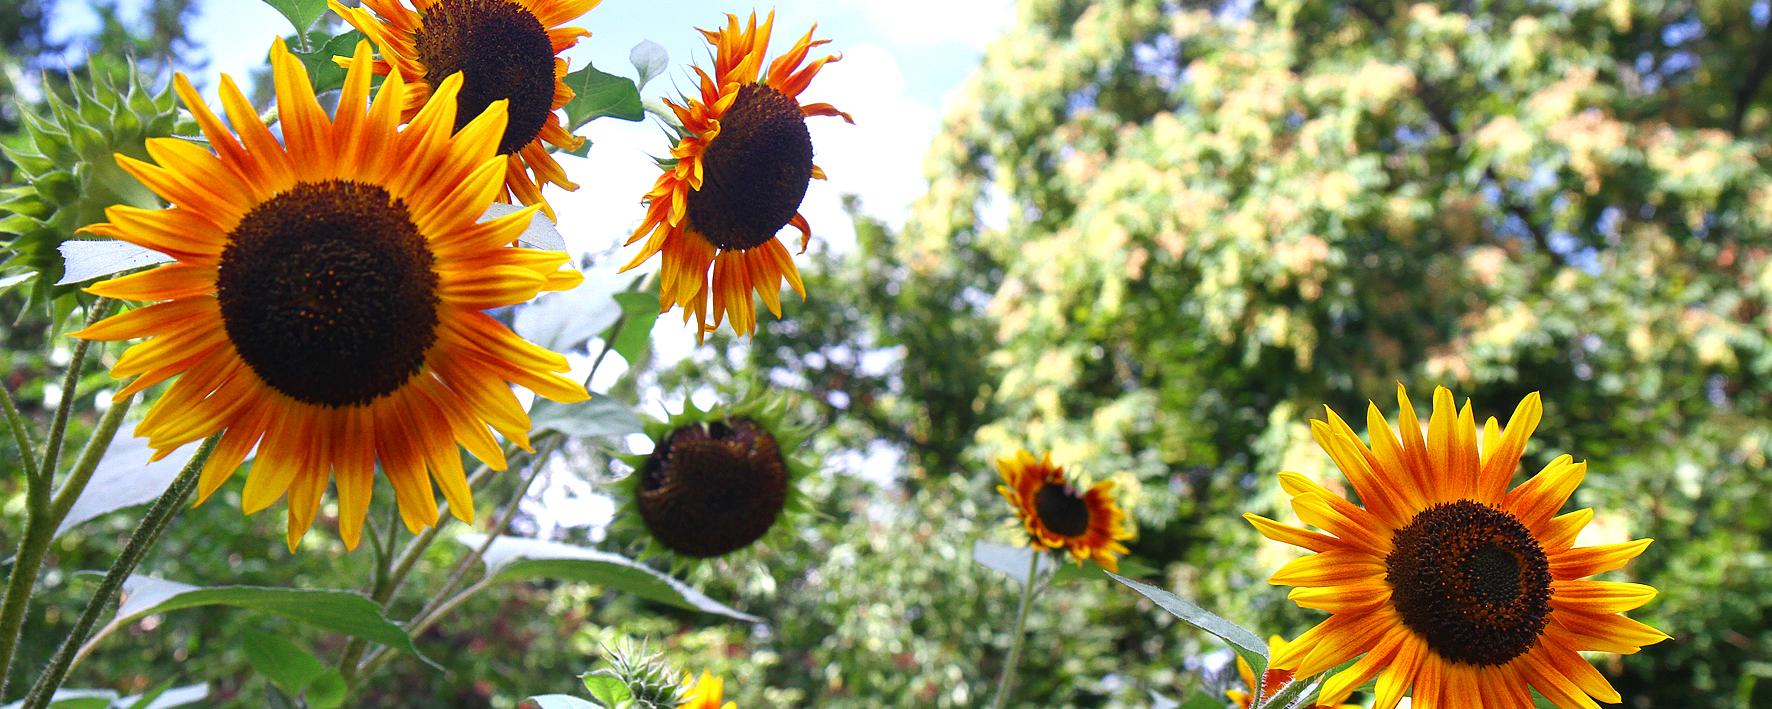 Blühende Sonnenblumen auf dem Schulacker